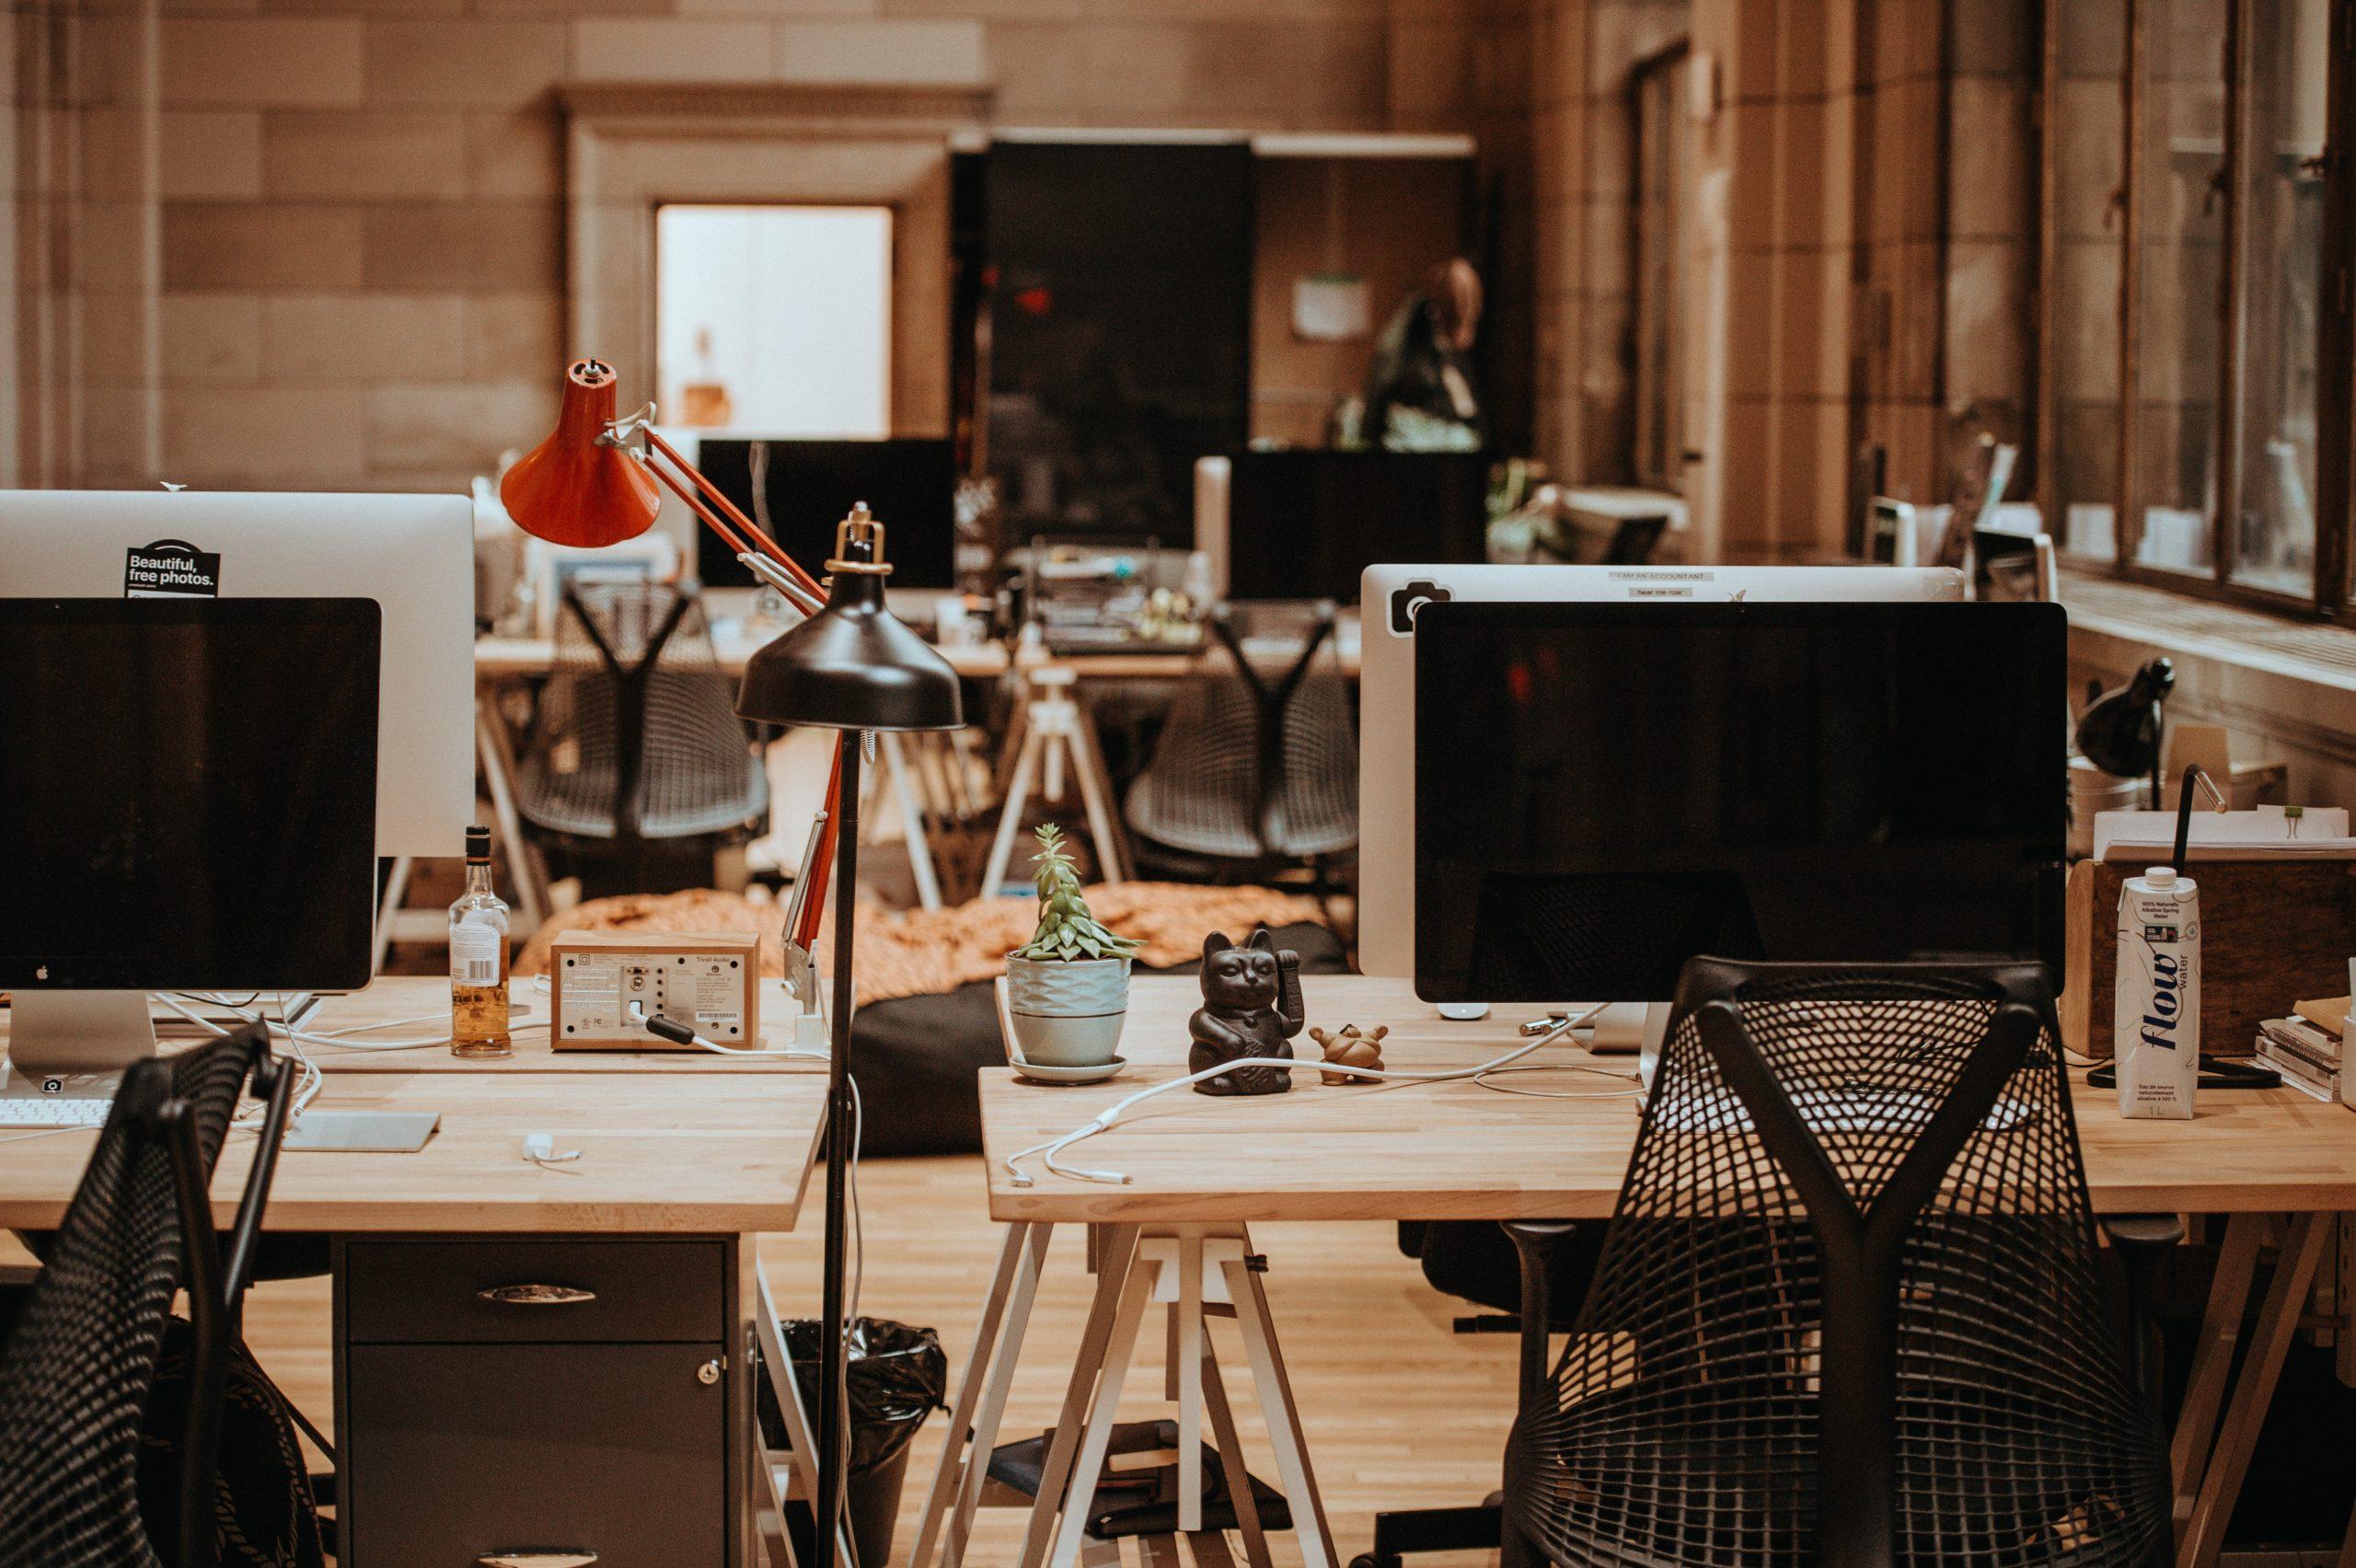 Desktop setup at Unsplash HQ